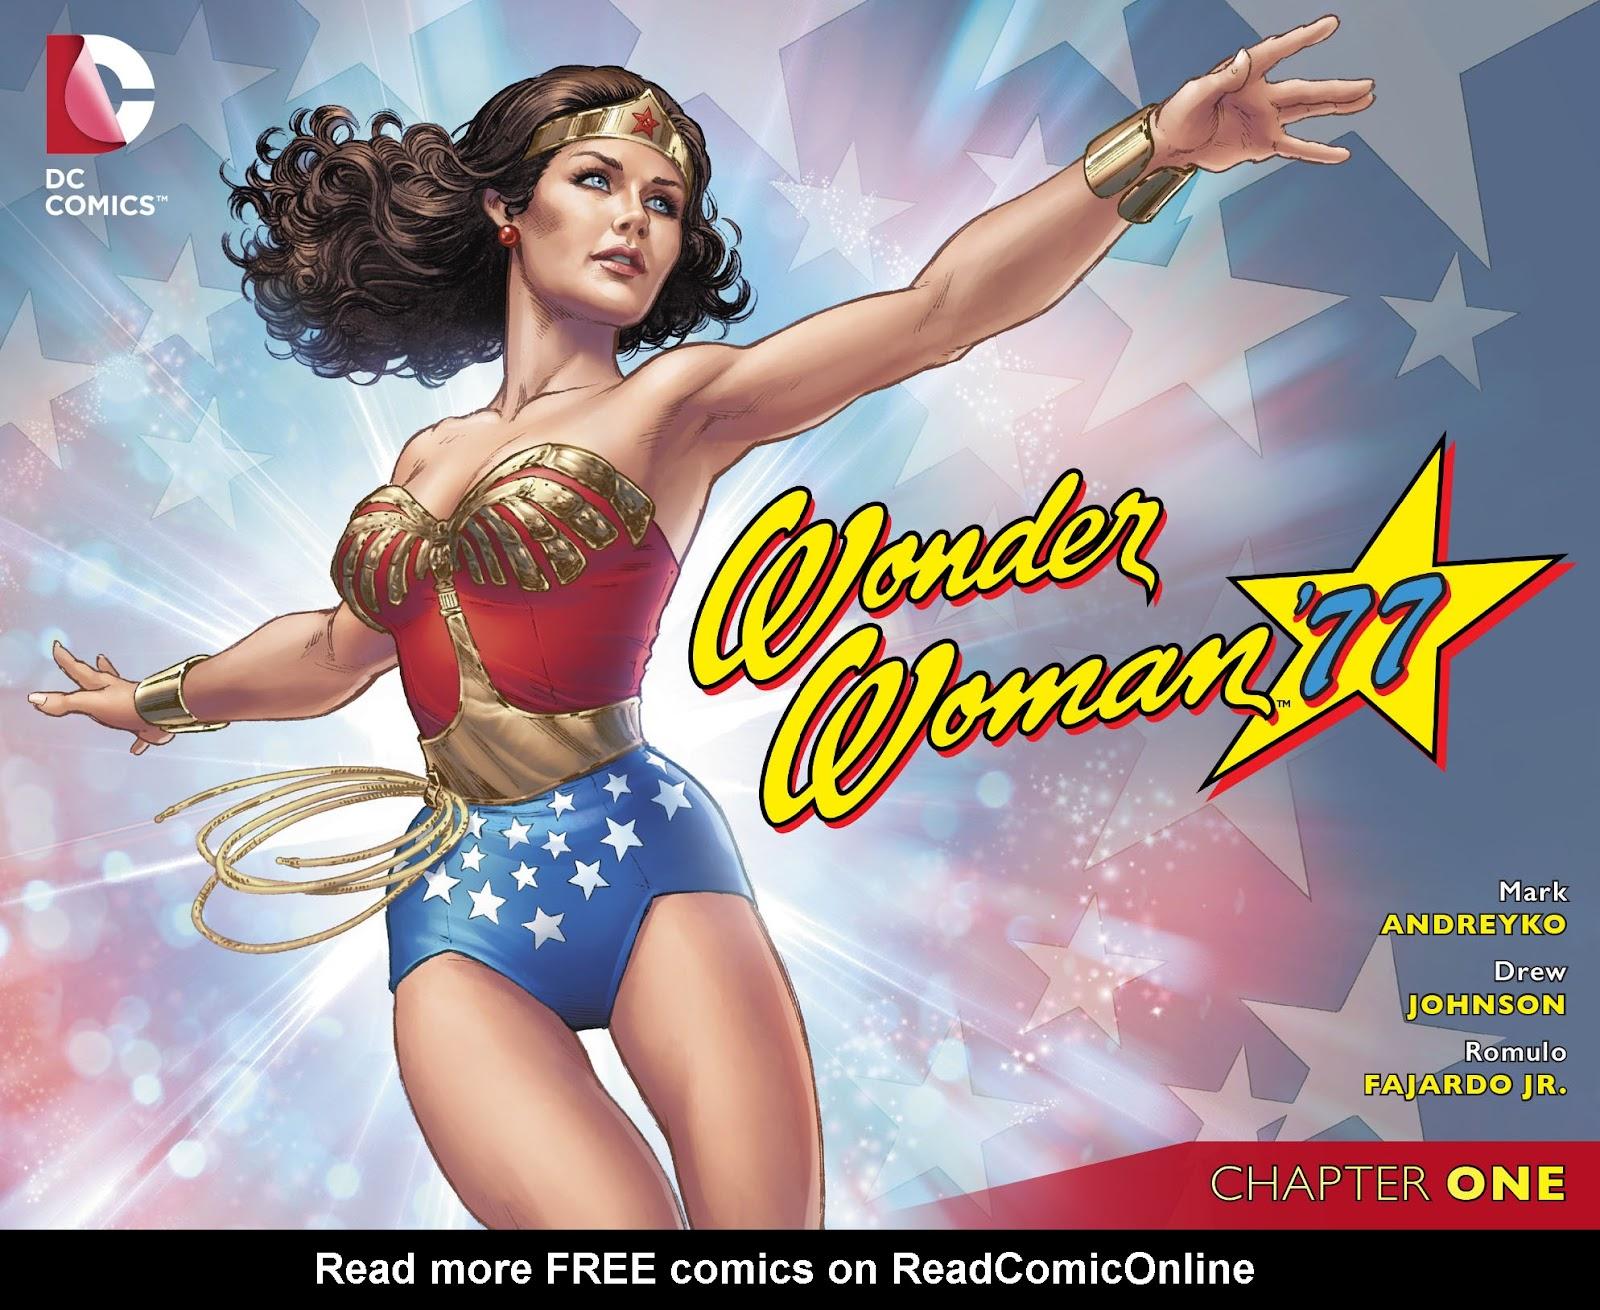 Wonder Woman 77 [I] 1 Page 1